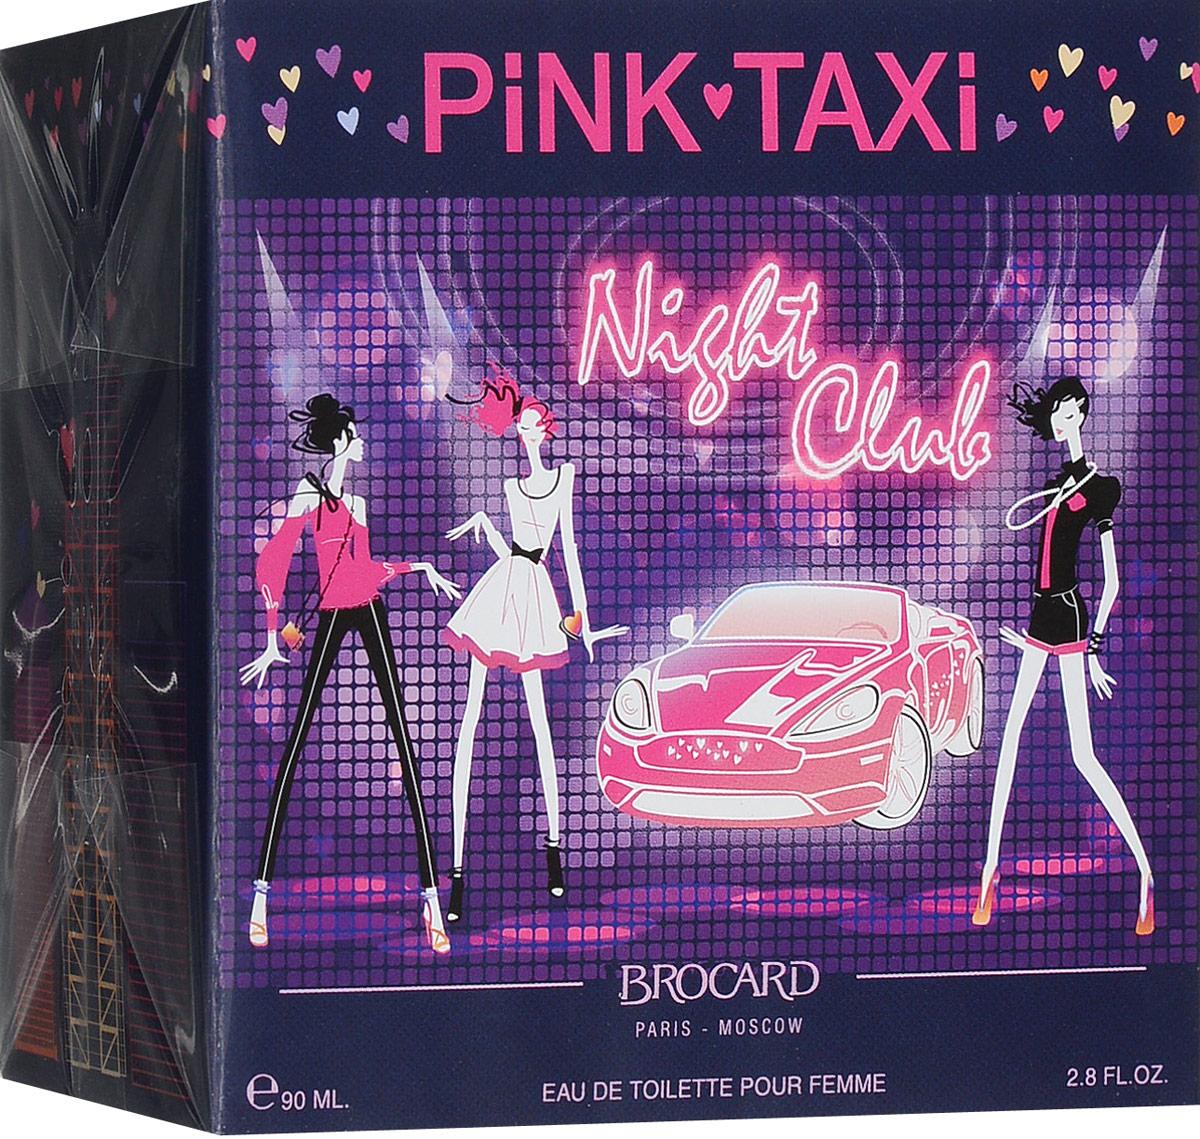 Brocard Pink Taxi Night Club Туалетная вода для женщин, 90 мл394473Цветочно-фруктовый, романтичный, искрящийся, динамичный аромат. Верхние ноты: вишня, малина,мандрарин. Ноты сердца: гардения, пастила,орхидея. Базовые ноты: ваниль, сандал, мускус, белая кожа, кора дуба.Уважаемые клиенты! Обращаем ваше внимание на то, что упаковка может иметь несколько видов дизайна. Поставка осуществляется в зависимости от наличия на складе.